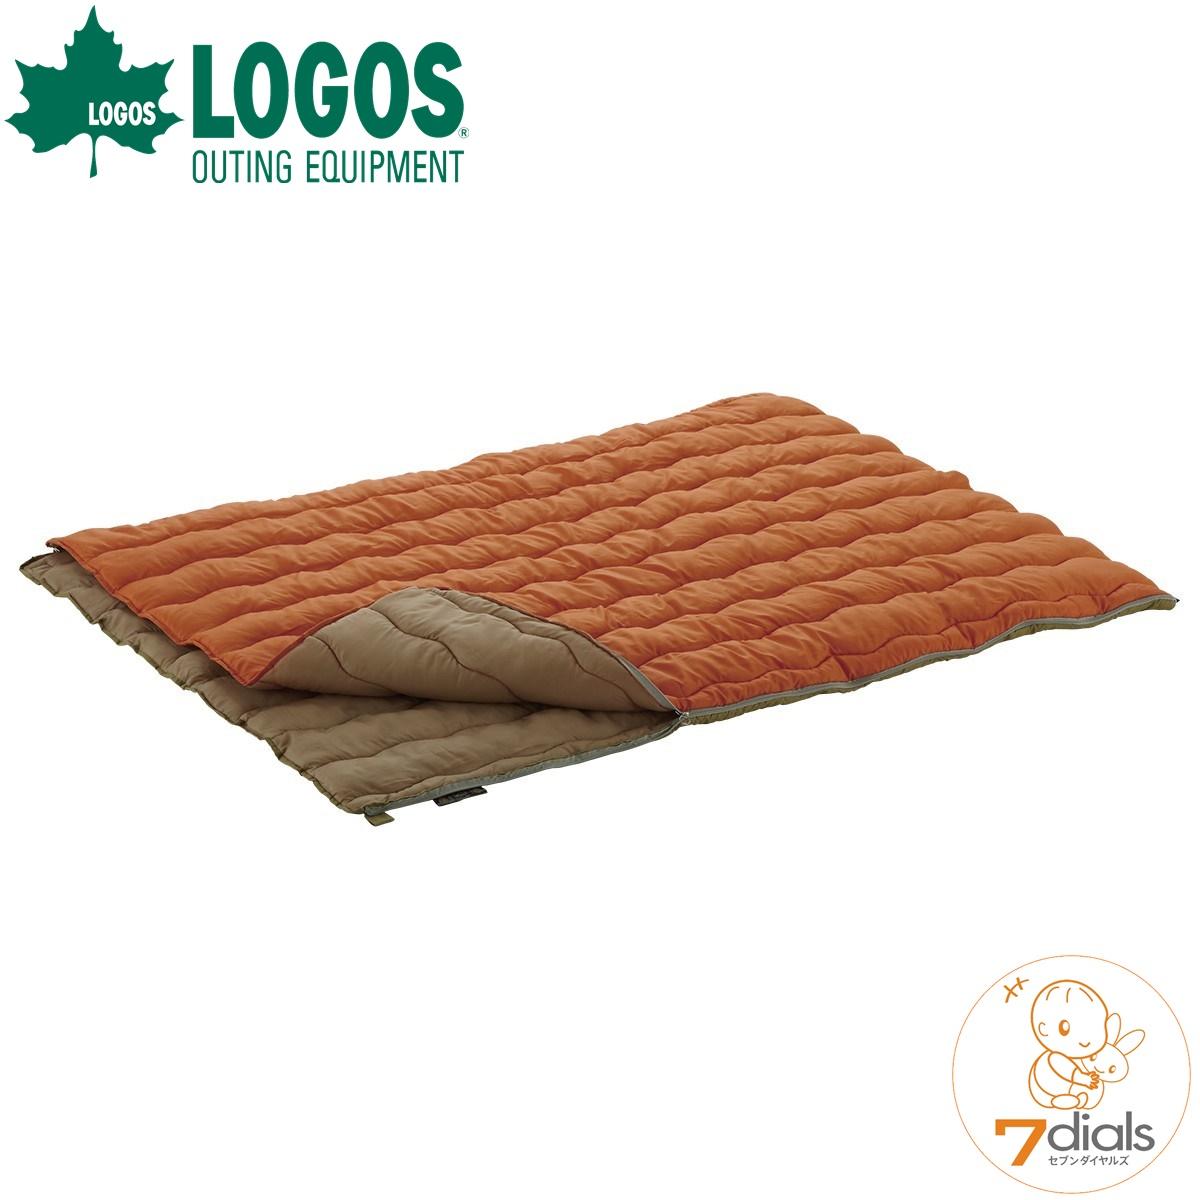 【あす楽】LOGOS/ロゴス 2in1・Wサイズ丸洗い寝袋・2 シュラフ 連結してお子さまと添い寝が出来る2個セット【送料無料】